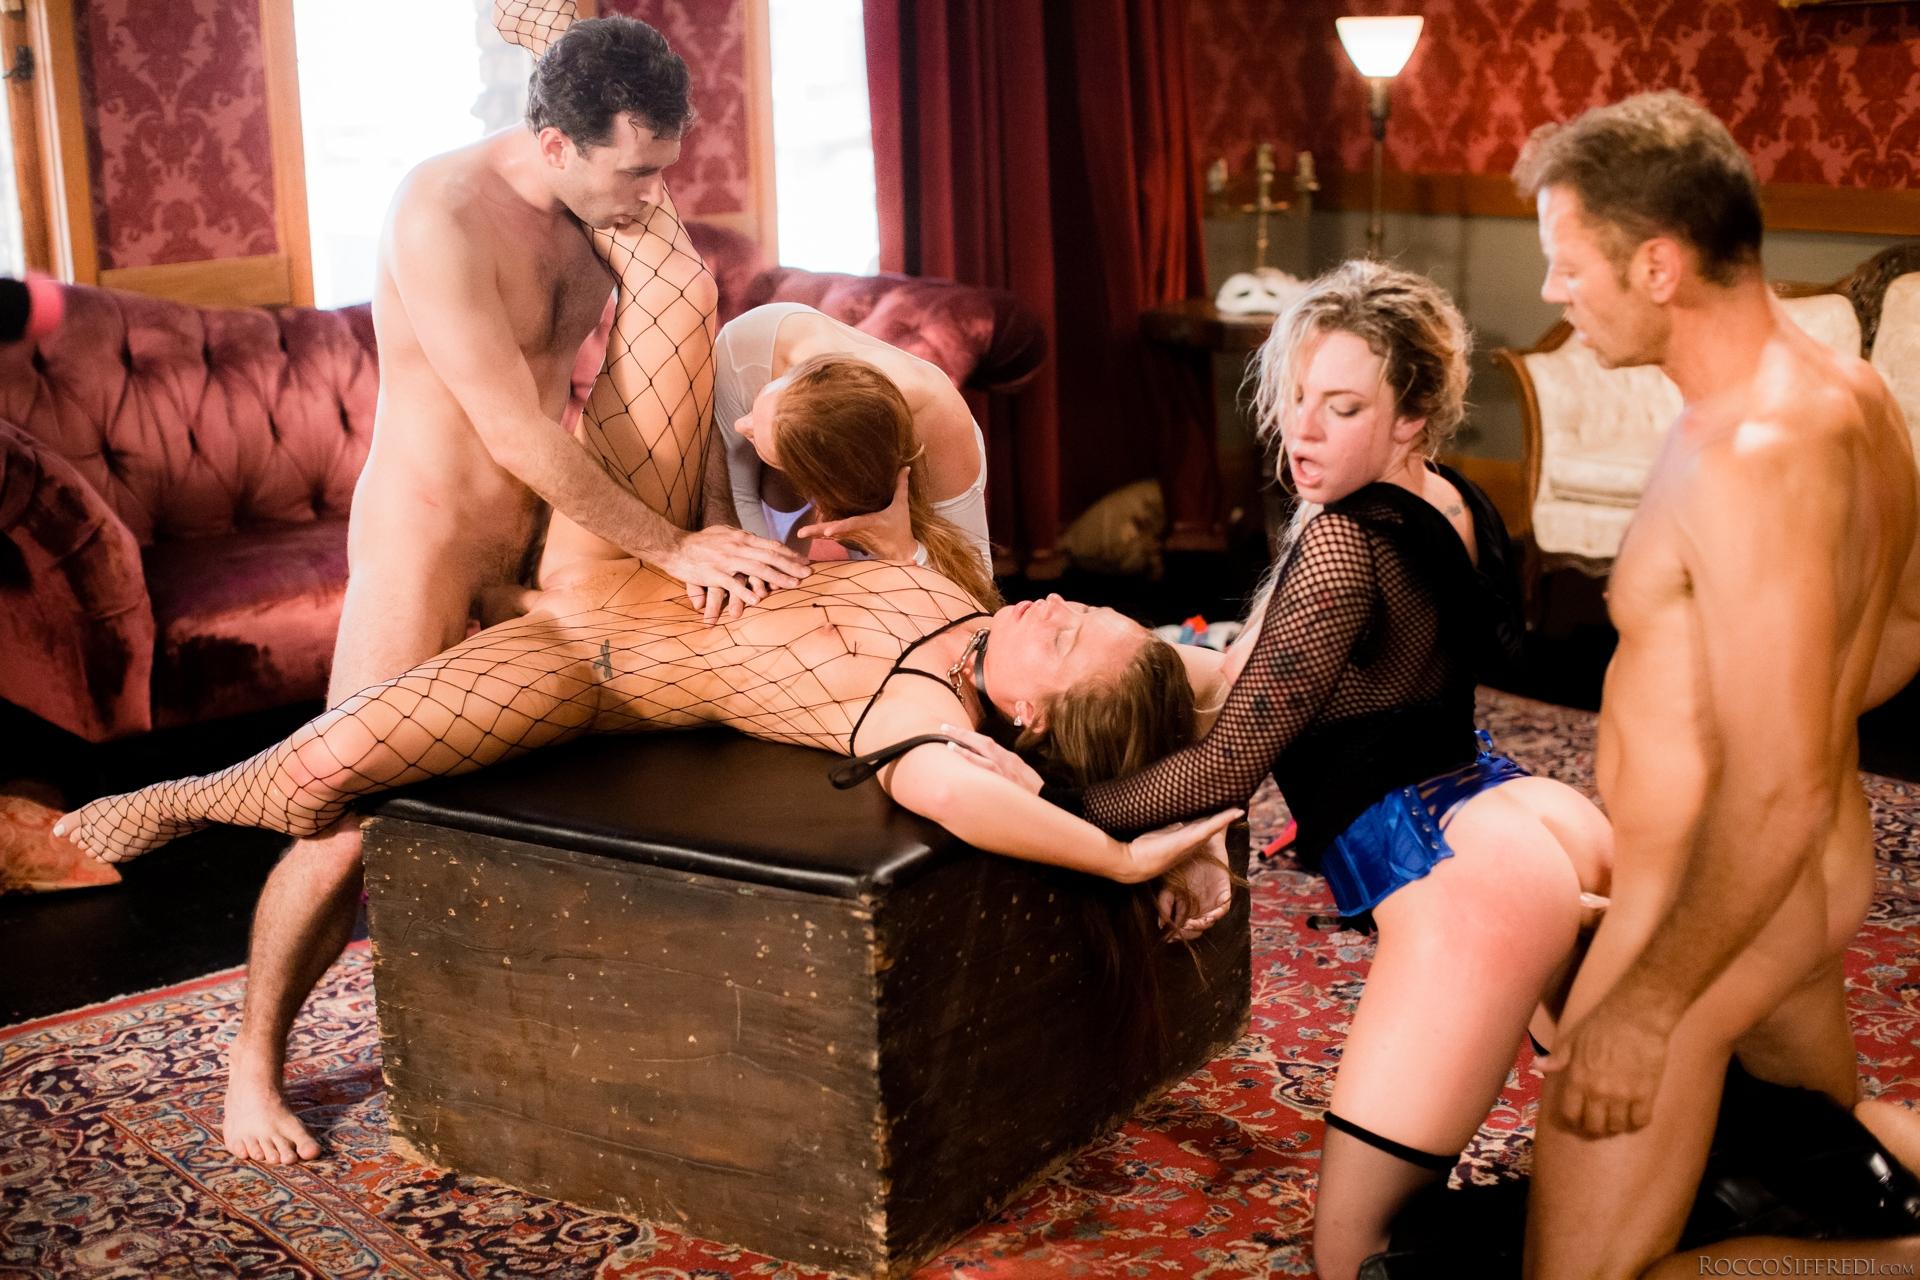 Alba Del Monte Porn watch kelly stafford 01 21+ for free - www.enjoysexpics.eu